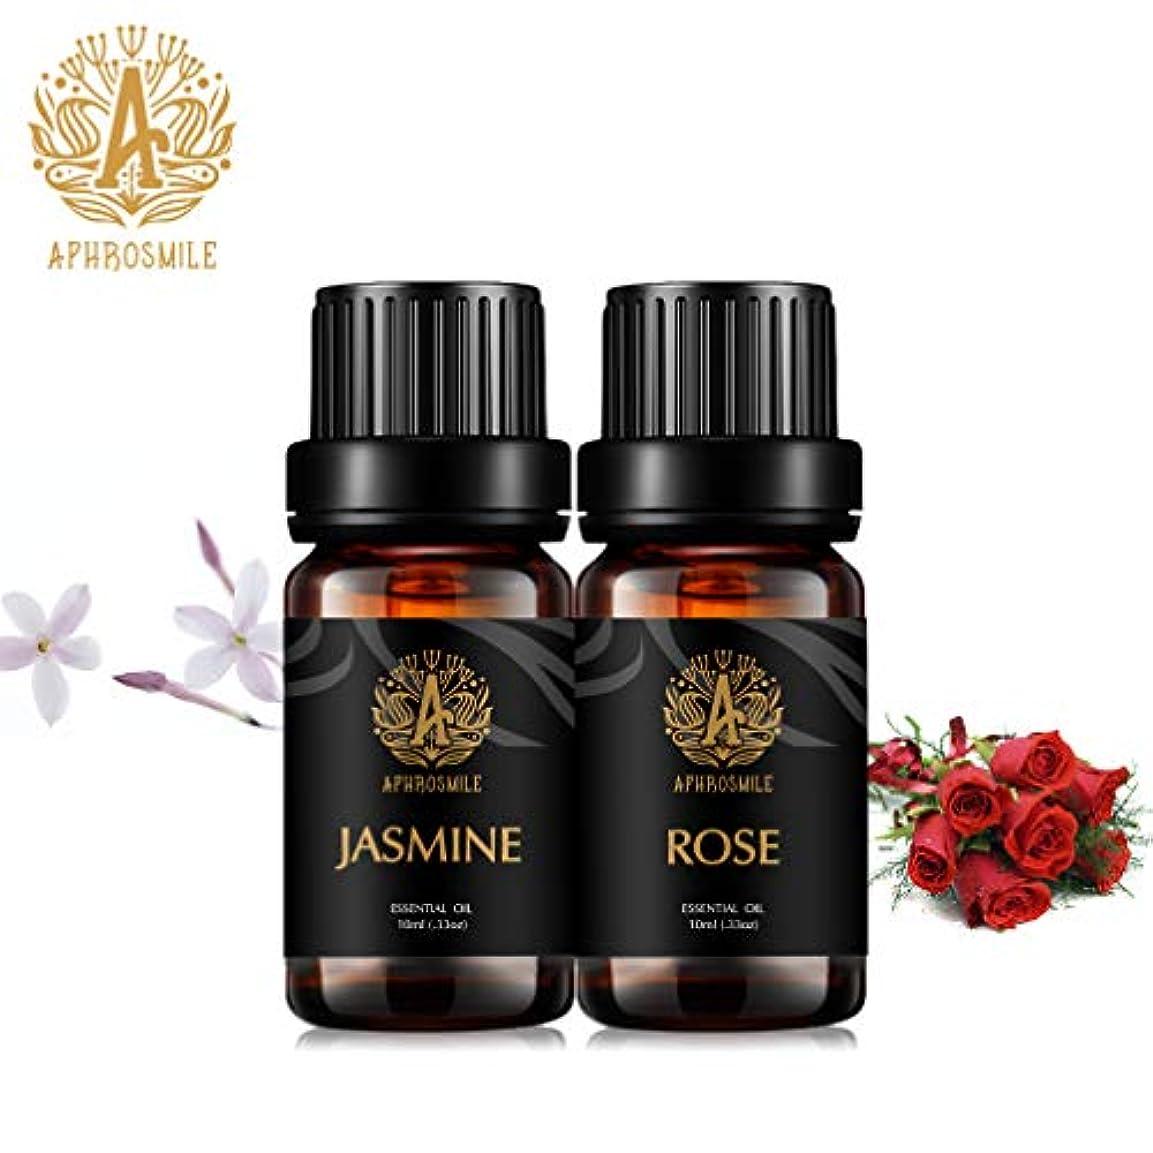 豊富に振幅イソギンチャクAPHORSMILE JP 100% 純粋と天然の精油、バラ/ジャスミン、2 /10mlボトル - 【エッセンシャルオイル】、アロマテラピー/デイリーケア可能